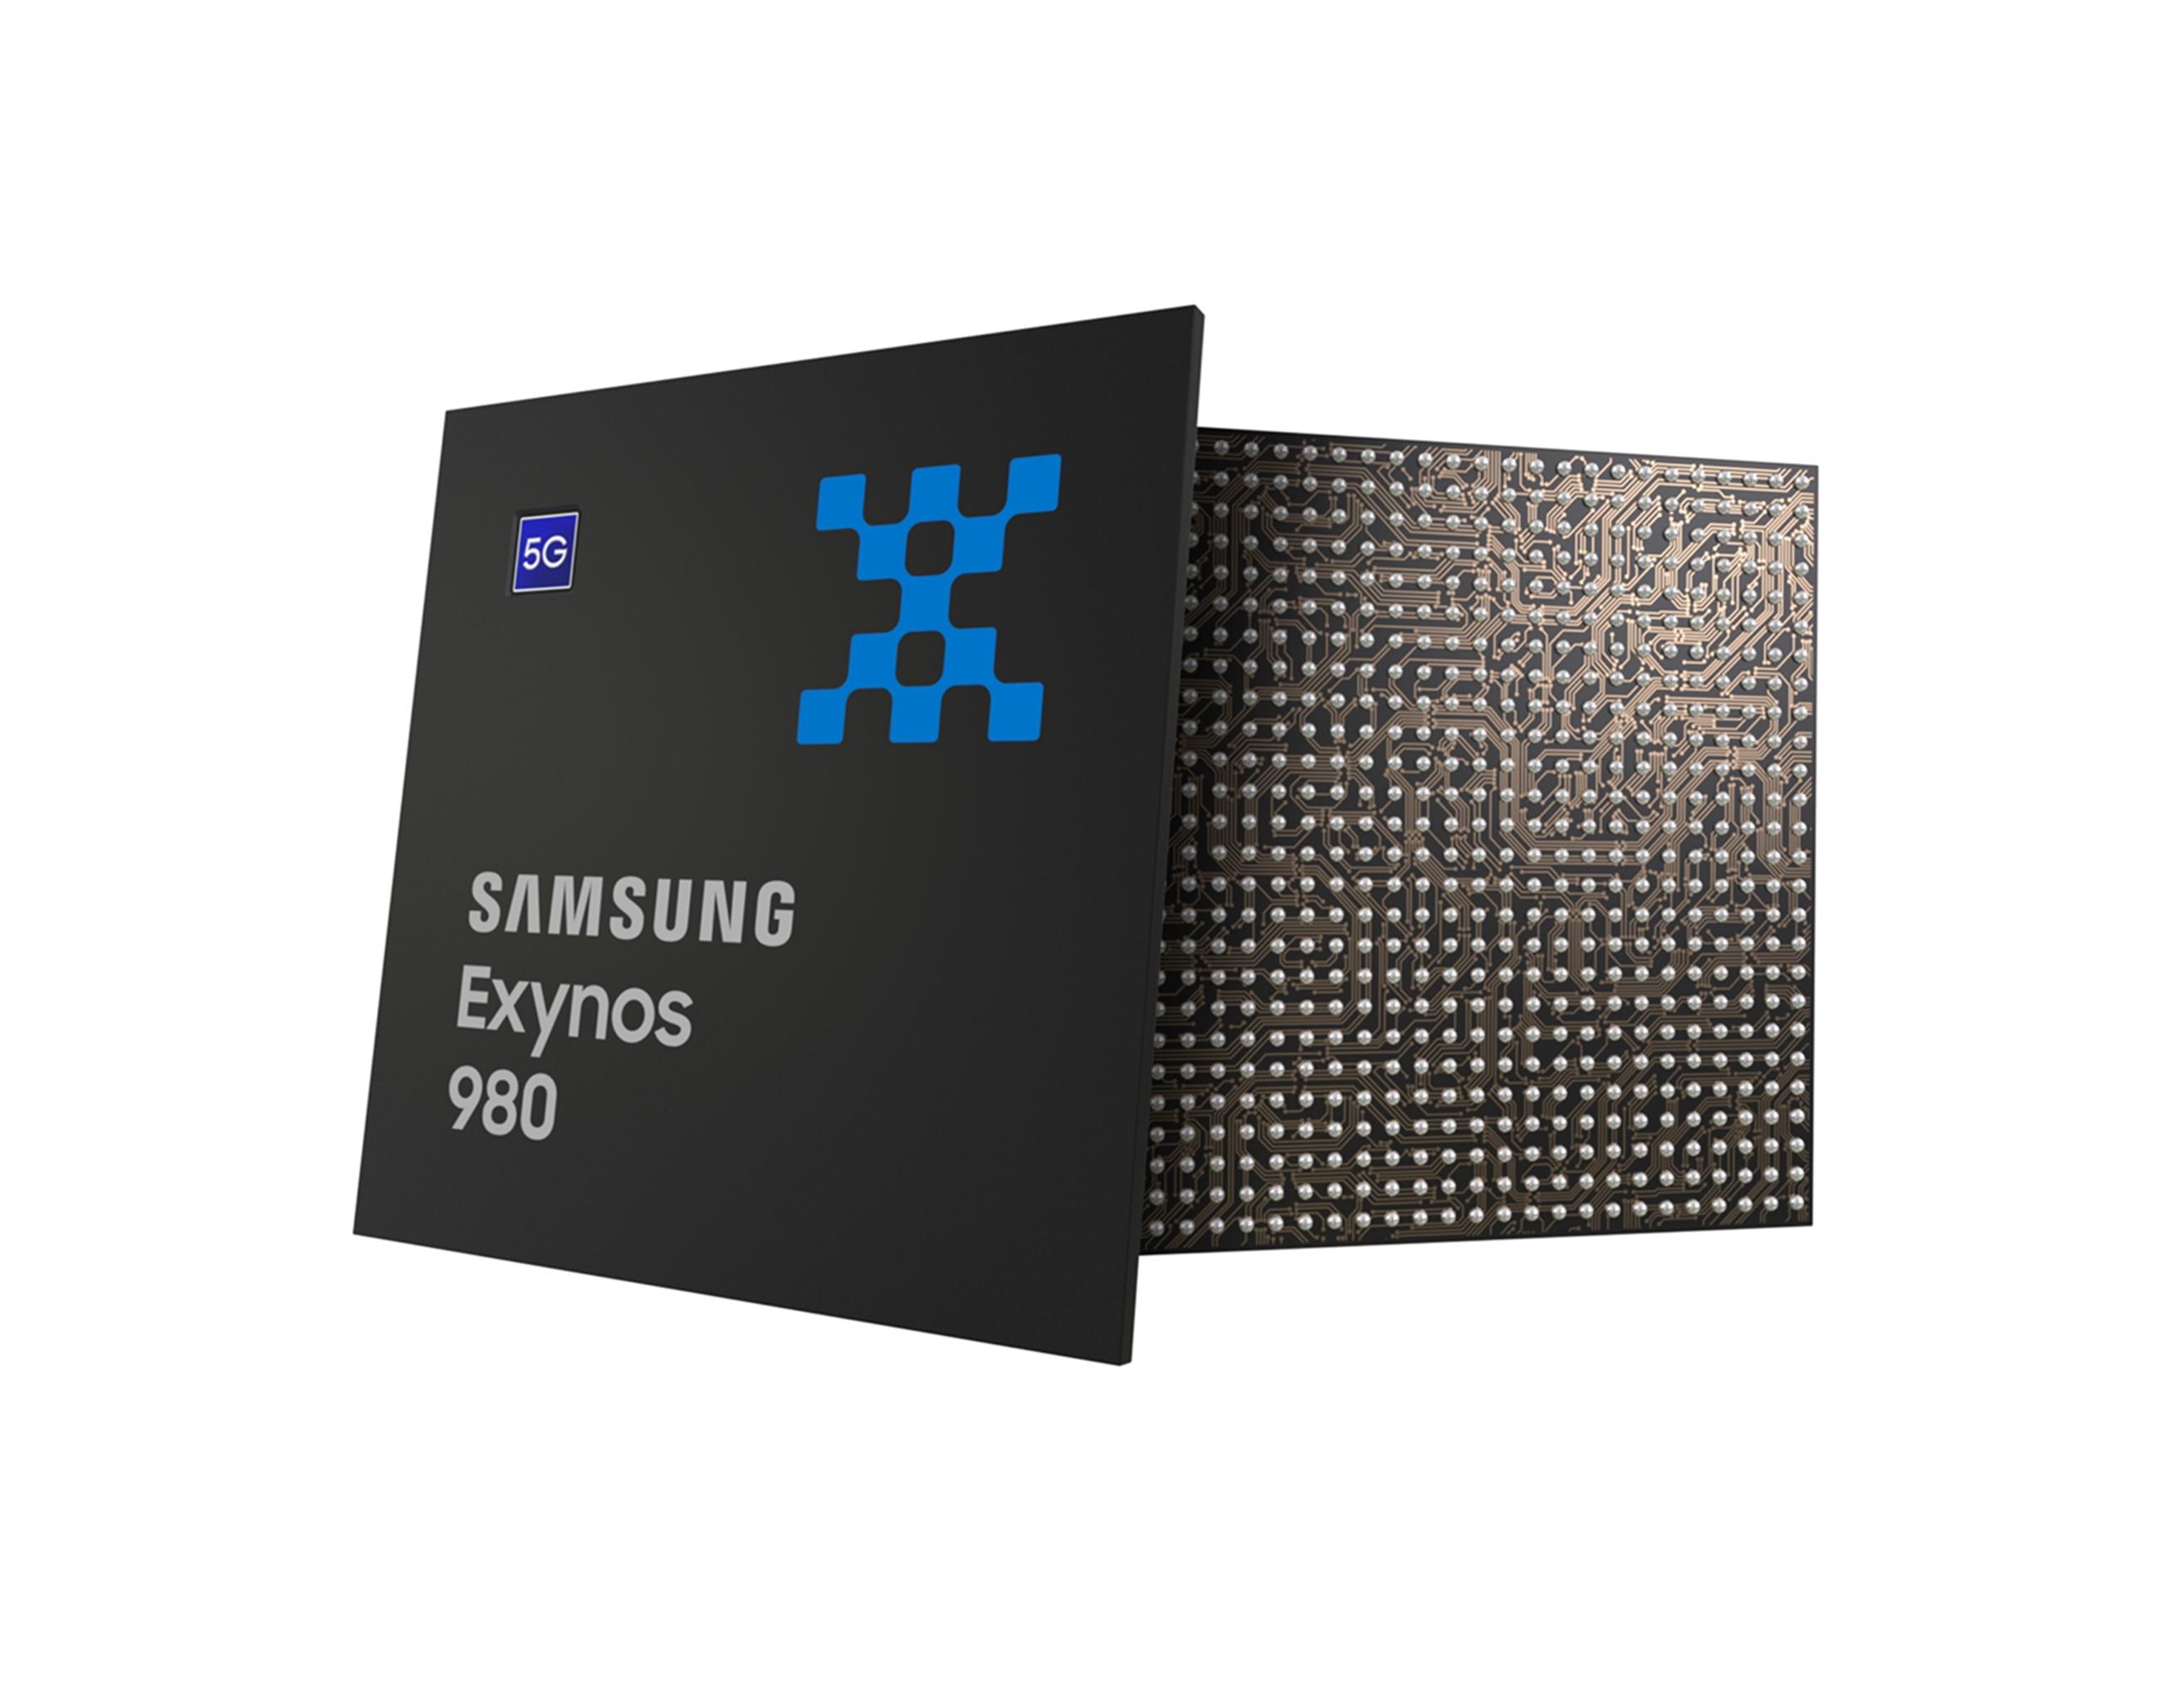 Samsung представила свой первый мобильный 5G-процессор Exynos 980